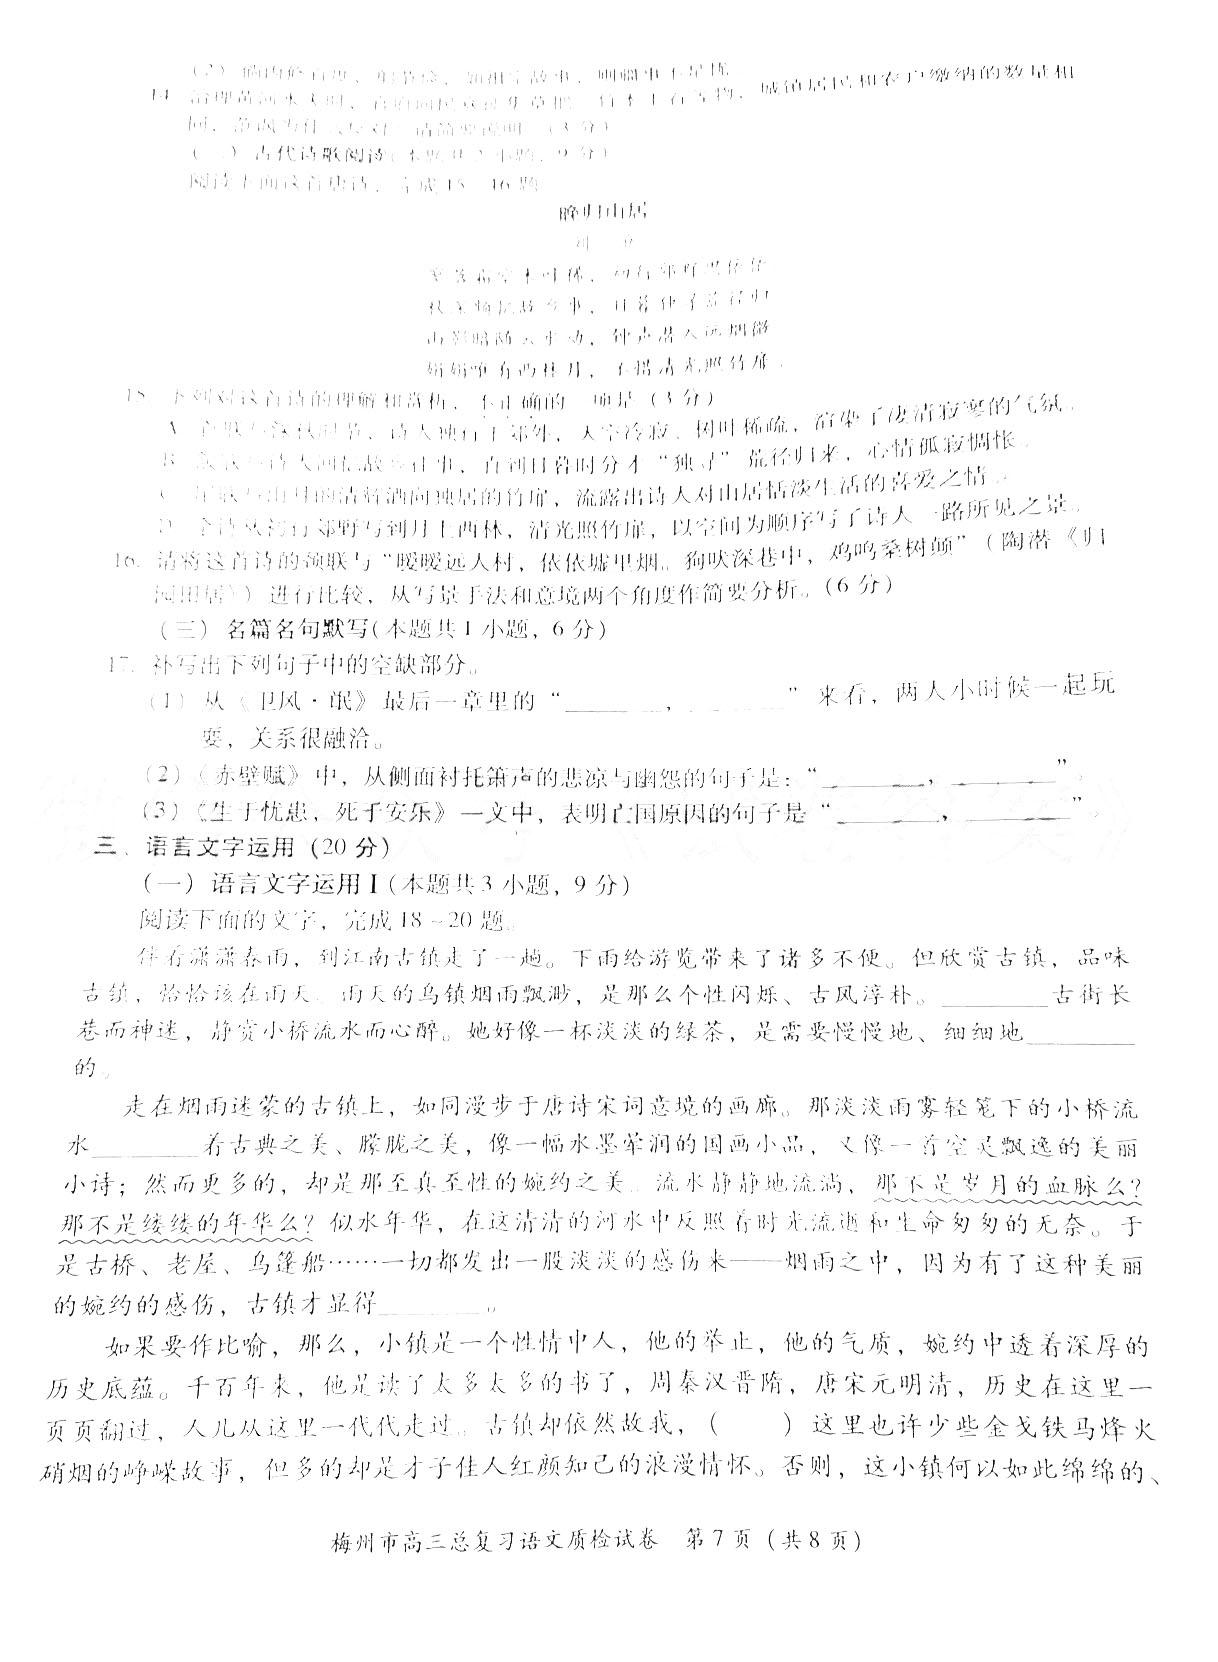 2021梅州市高三总复习质检语文试卷